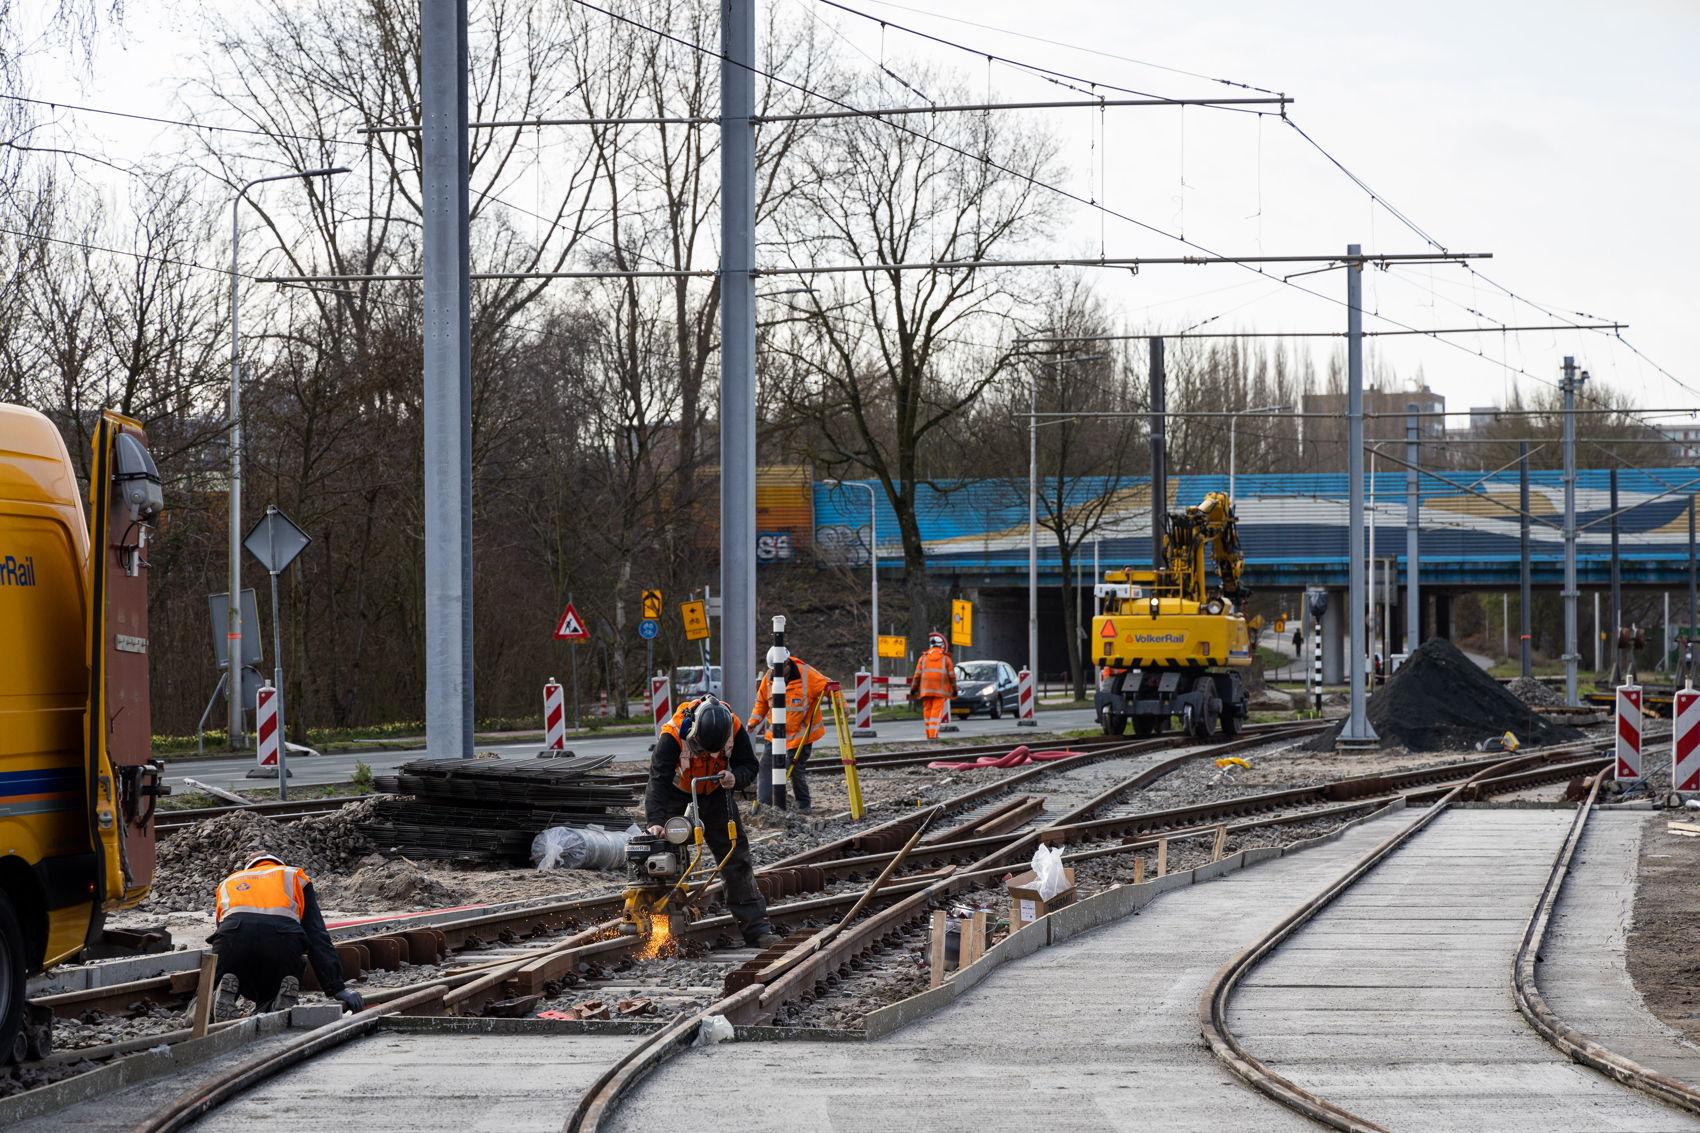 De aansluiting van de nieuwe boog op het huidige spoor richting Ouderkerkerlaan op maandag 17 februari.